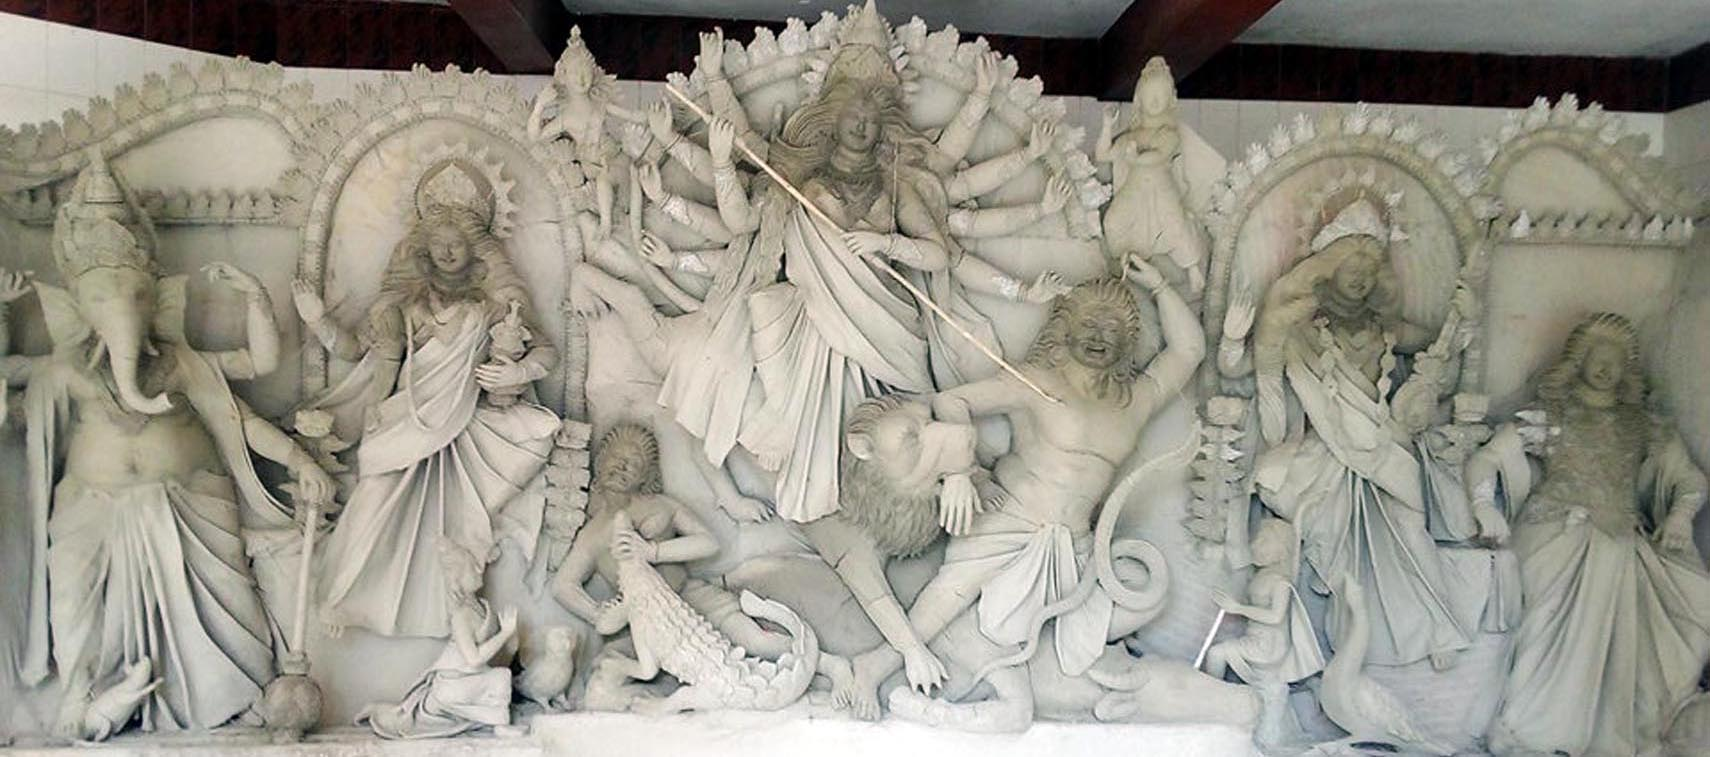 পাইকগাছায় ১৪৮টি ম-পে শারদীয়া দুর্গাপূজা উদযাপিত হবে